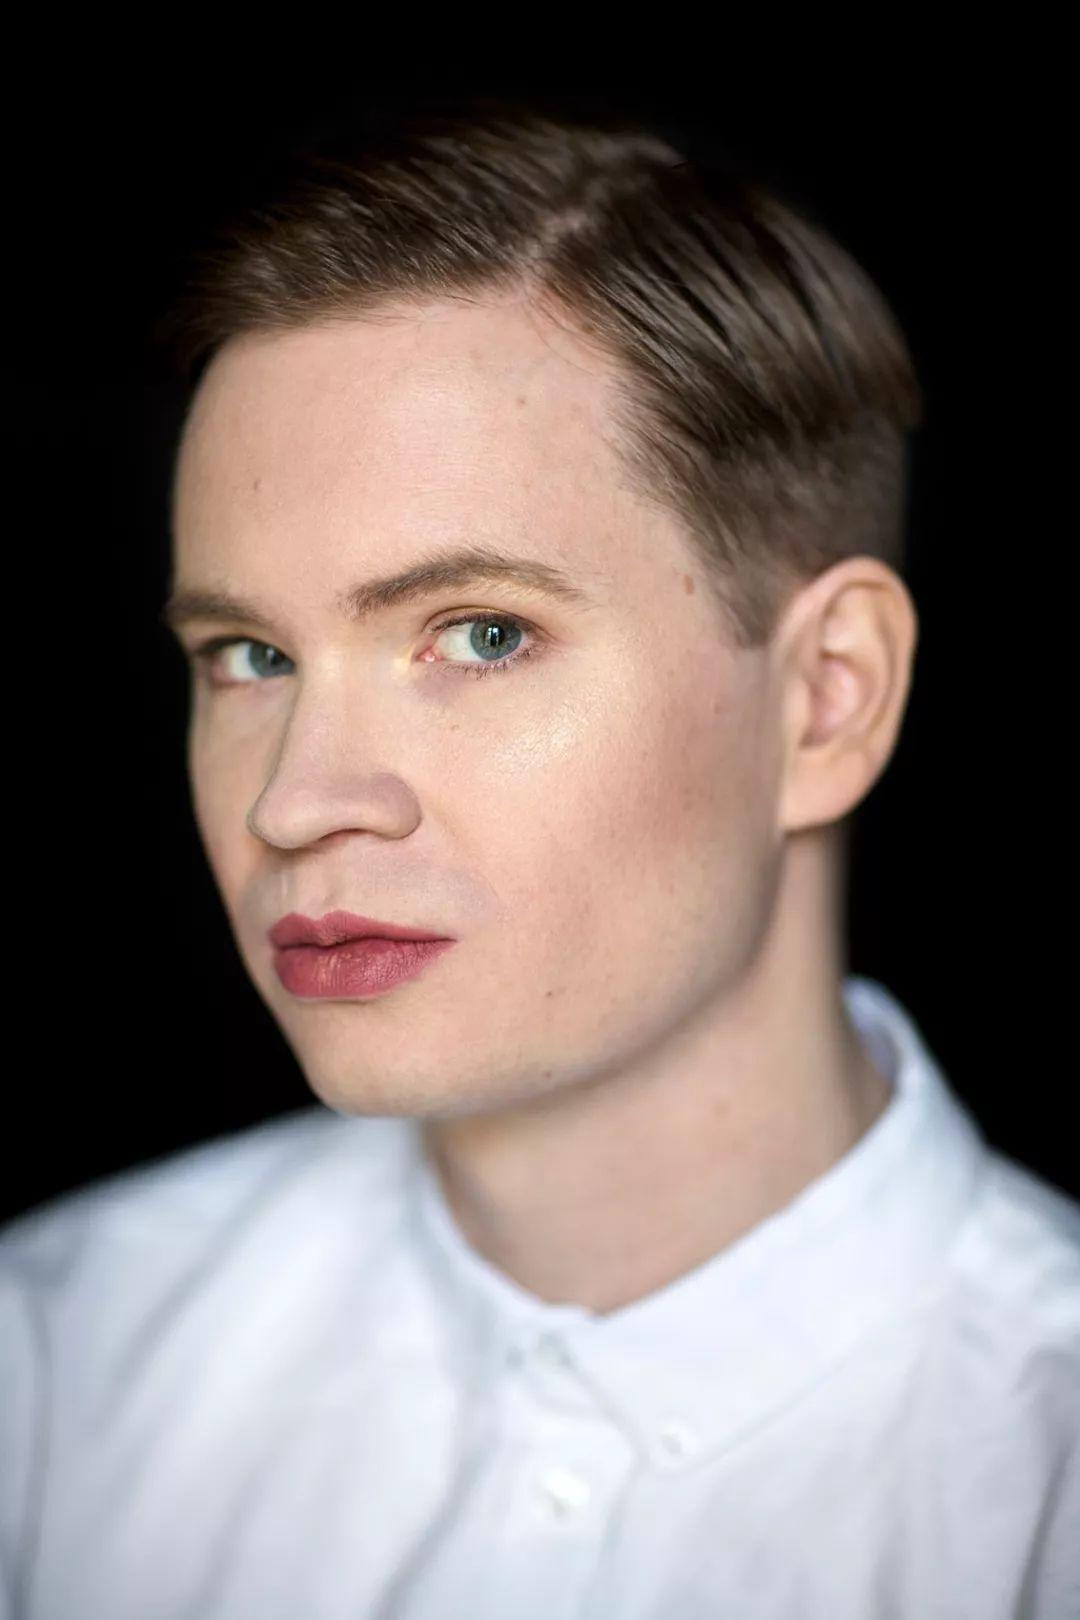 """男人不能""""搔首弄姿""""?瑞典性别摄影师:都是刻板印象的锅!"""